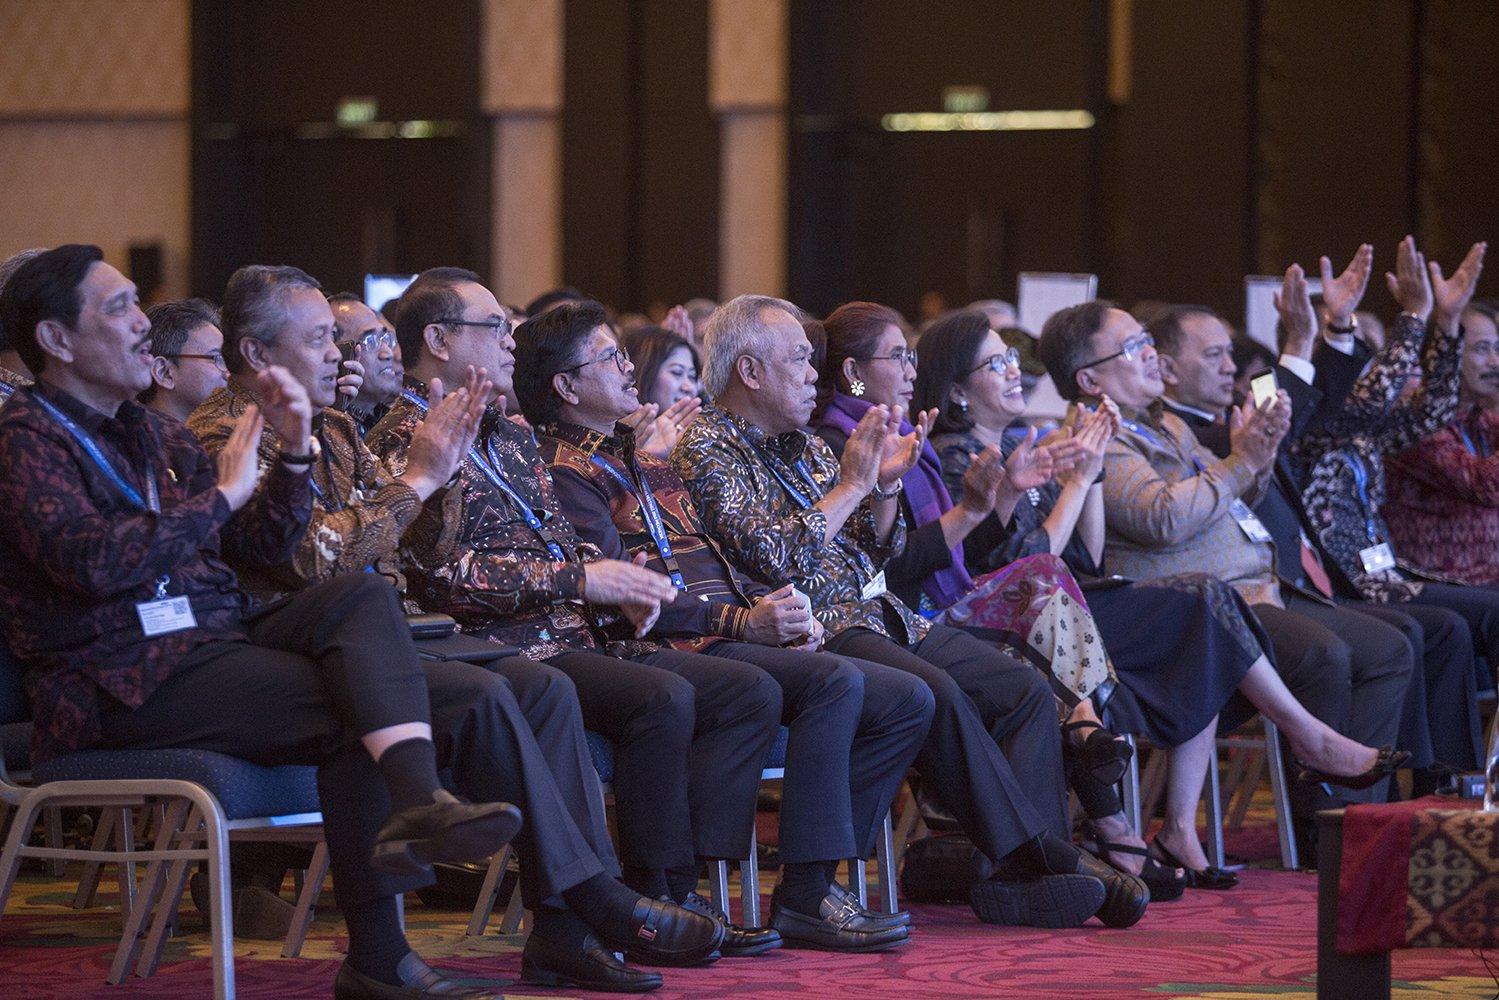 Presiden Joko Widodo menyampaikan agar negara-negara harus mengubah pola pikir mereka. Kerja sama dan koordinasi harus dilakukan untuk mencapai tujuan yang sama, seperti halnya kerja sama antarnegara telah membantu pemulihan dari krisis ekonomi global pada tahun 2008.